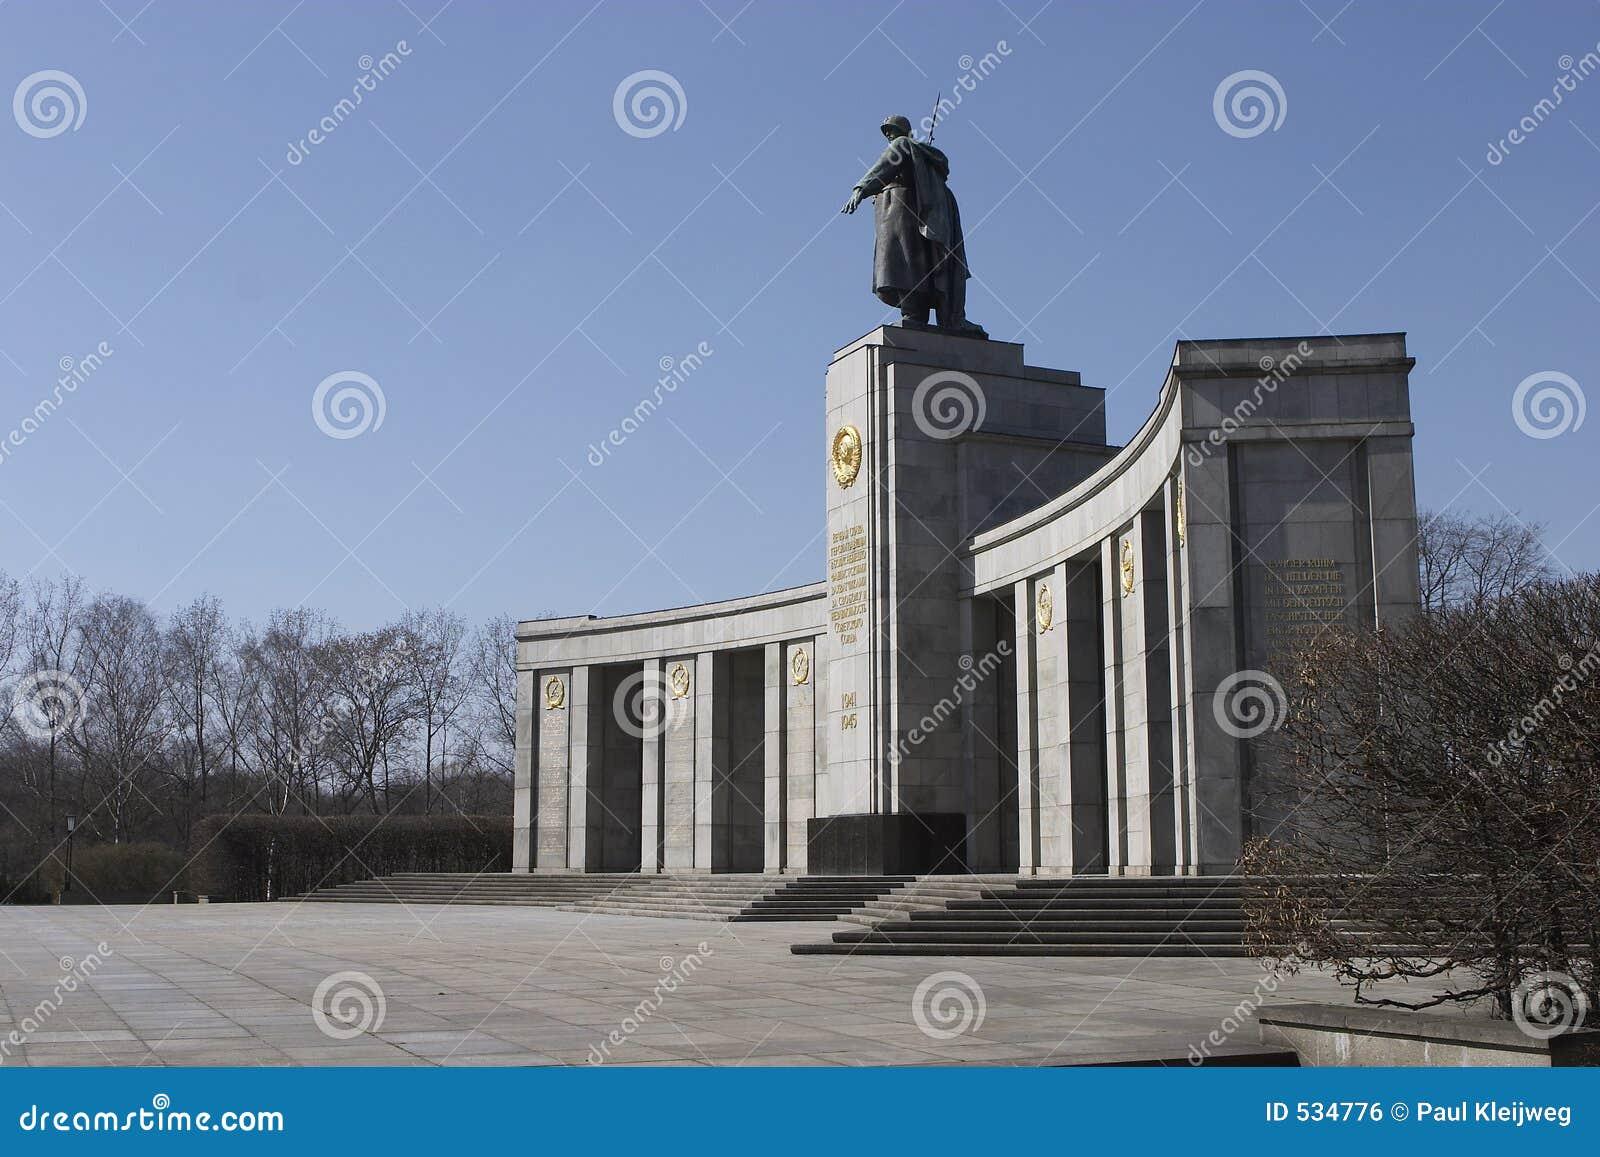 Download 柏林纪念碑俄语战争 库存照片. 图片 包括有 berlitz, 救星, 教规, 大炮, 战士, 世界, 俄语 - 534776